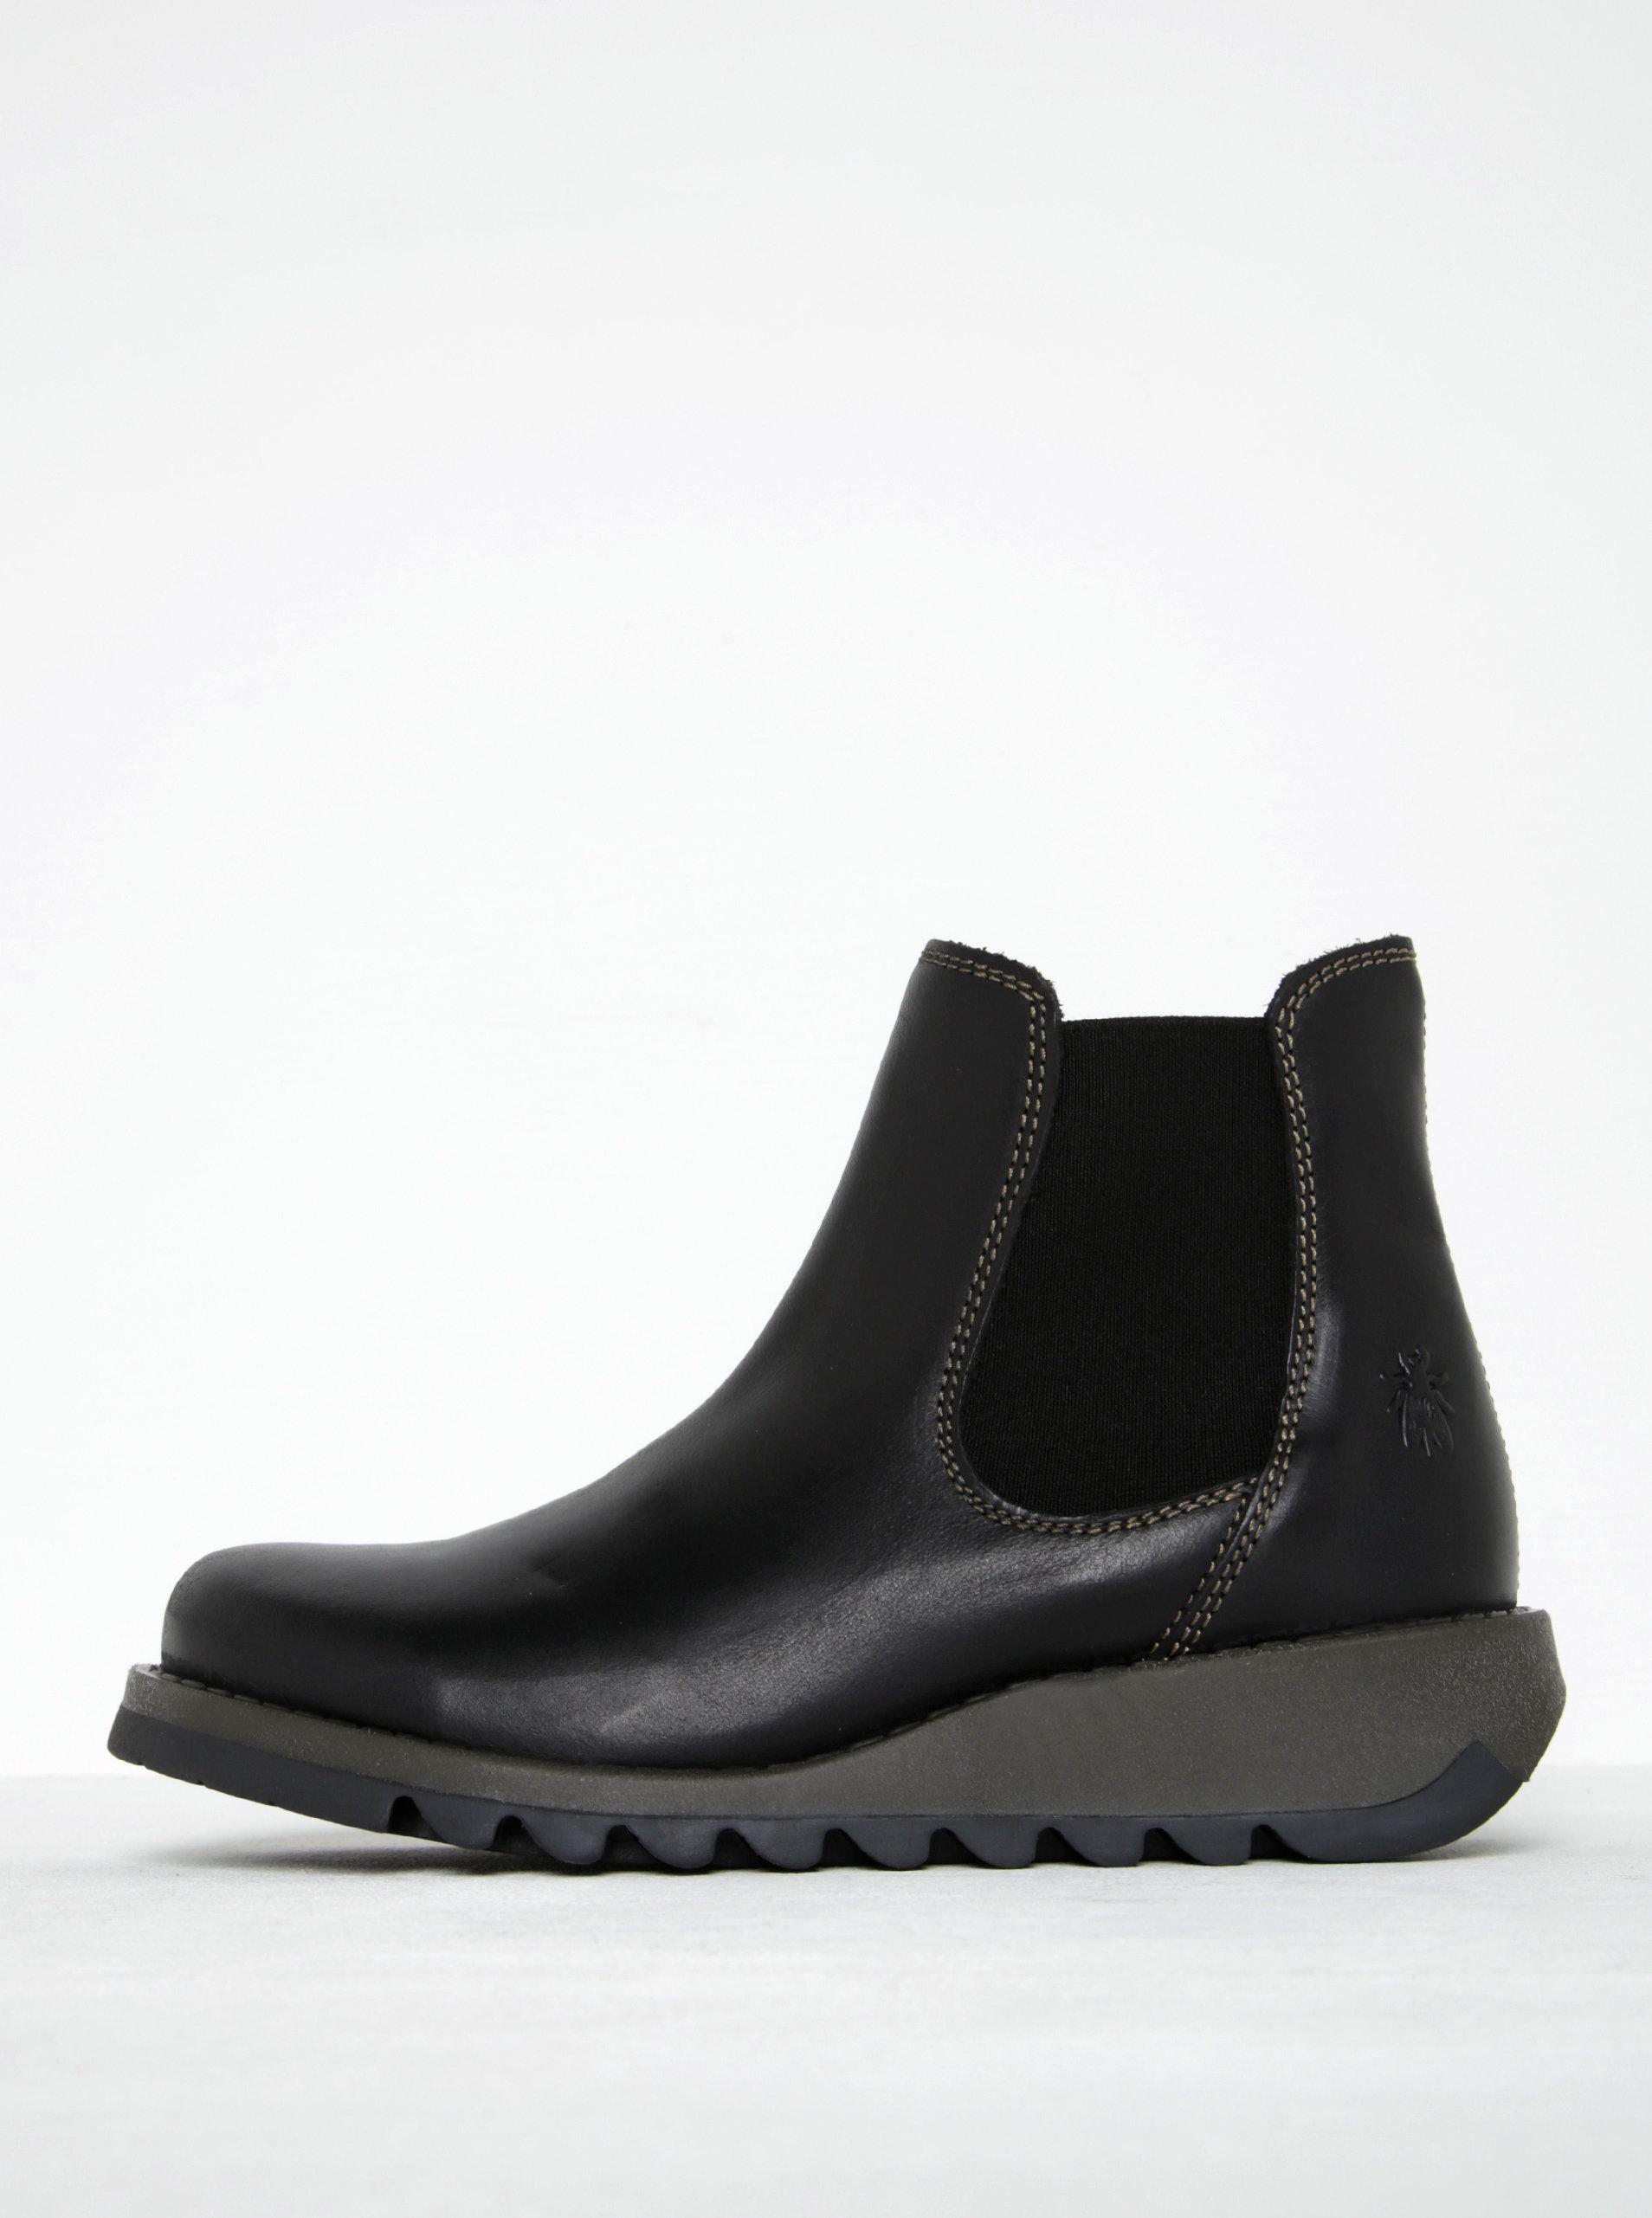 4a5fce5b10e8 Čierne dámske kožené chelsea topánky FLY London ...